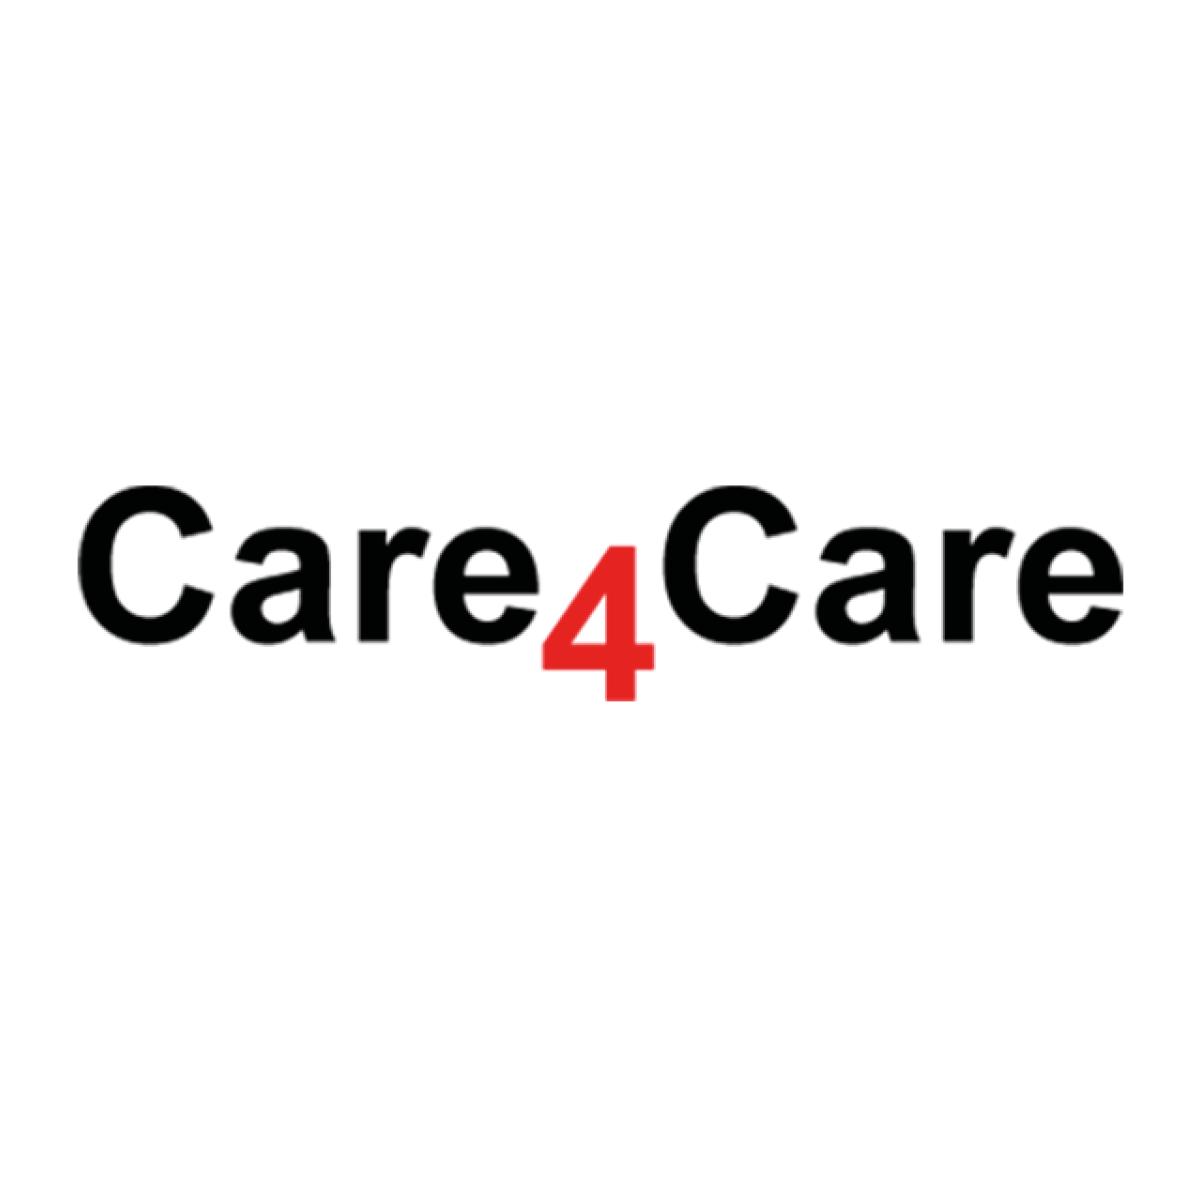 Care4Care - Aruba